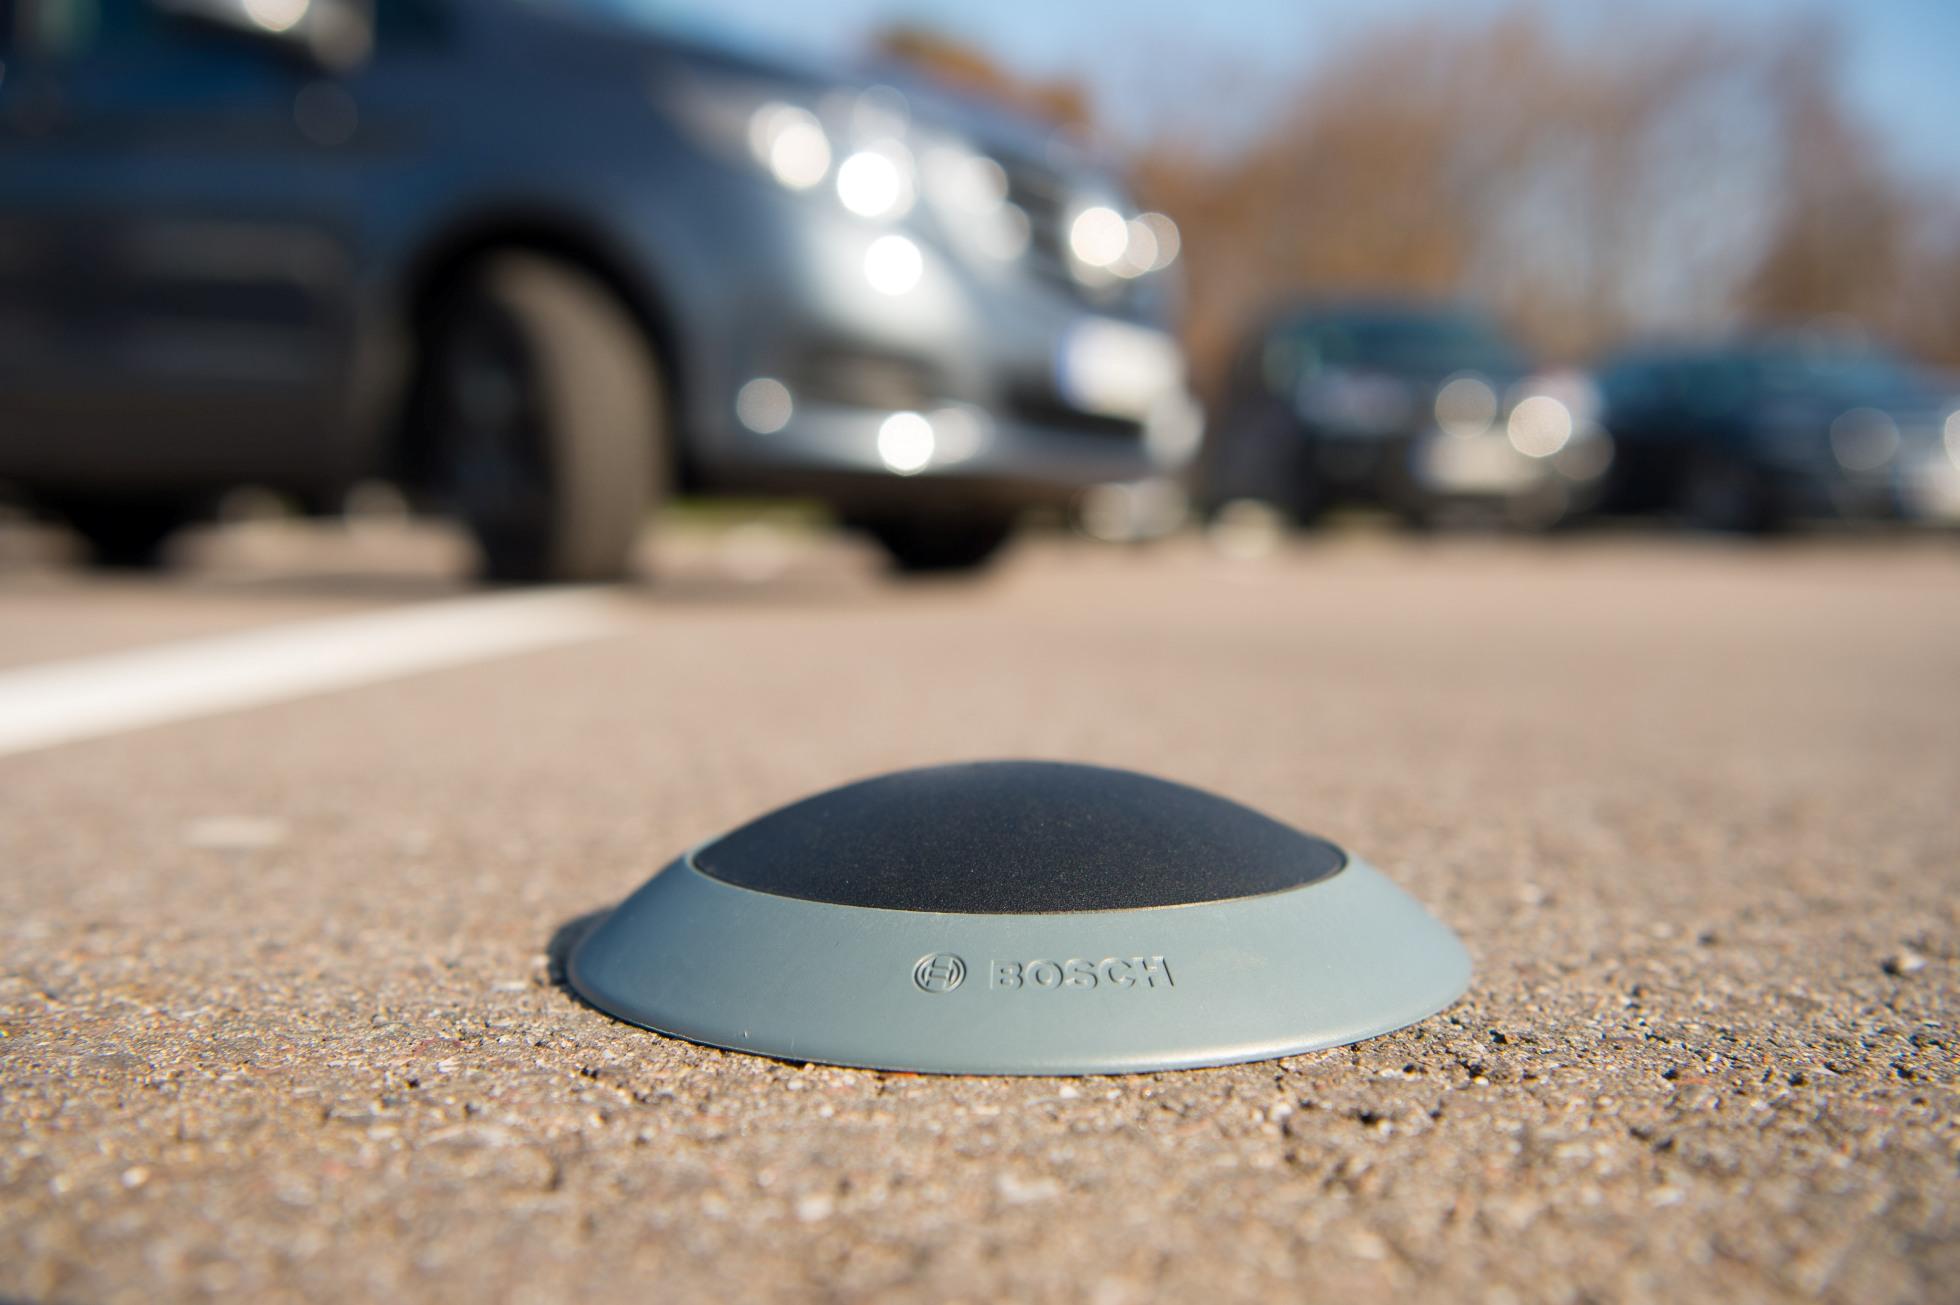 Parkplatz-Erkennung: Bosch und Siemens scheitern mit Pilotprojekten - Der kombinierte Magnetfeld-/Radarsensor von Bosch wird nicht mehr weiterentwickelt. (Foto: Bosch)